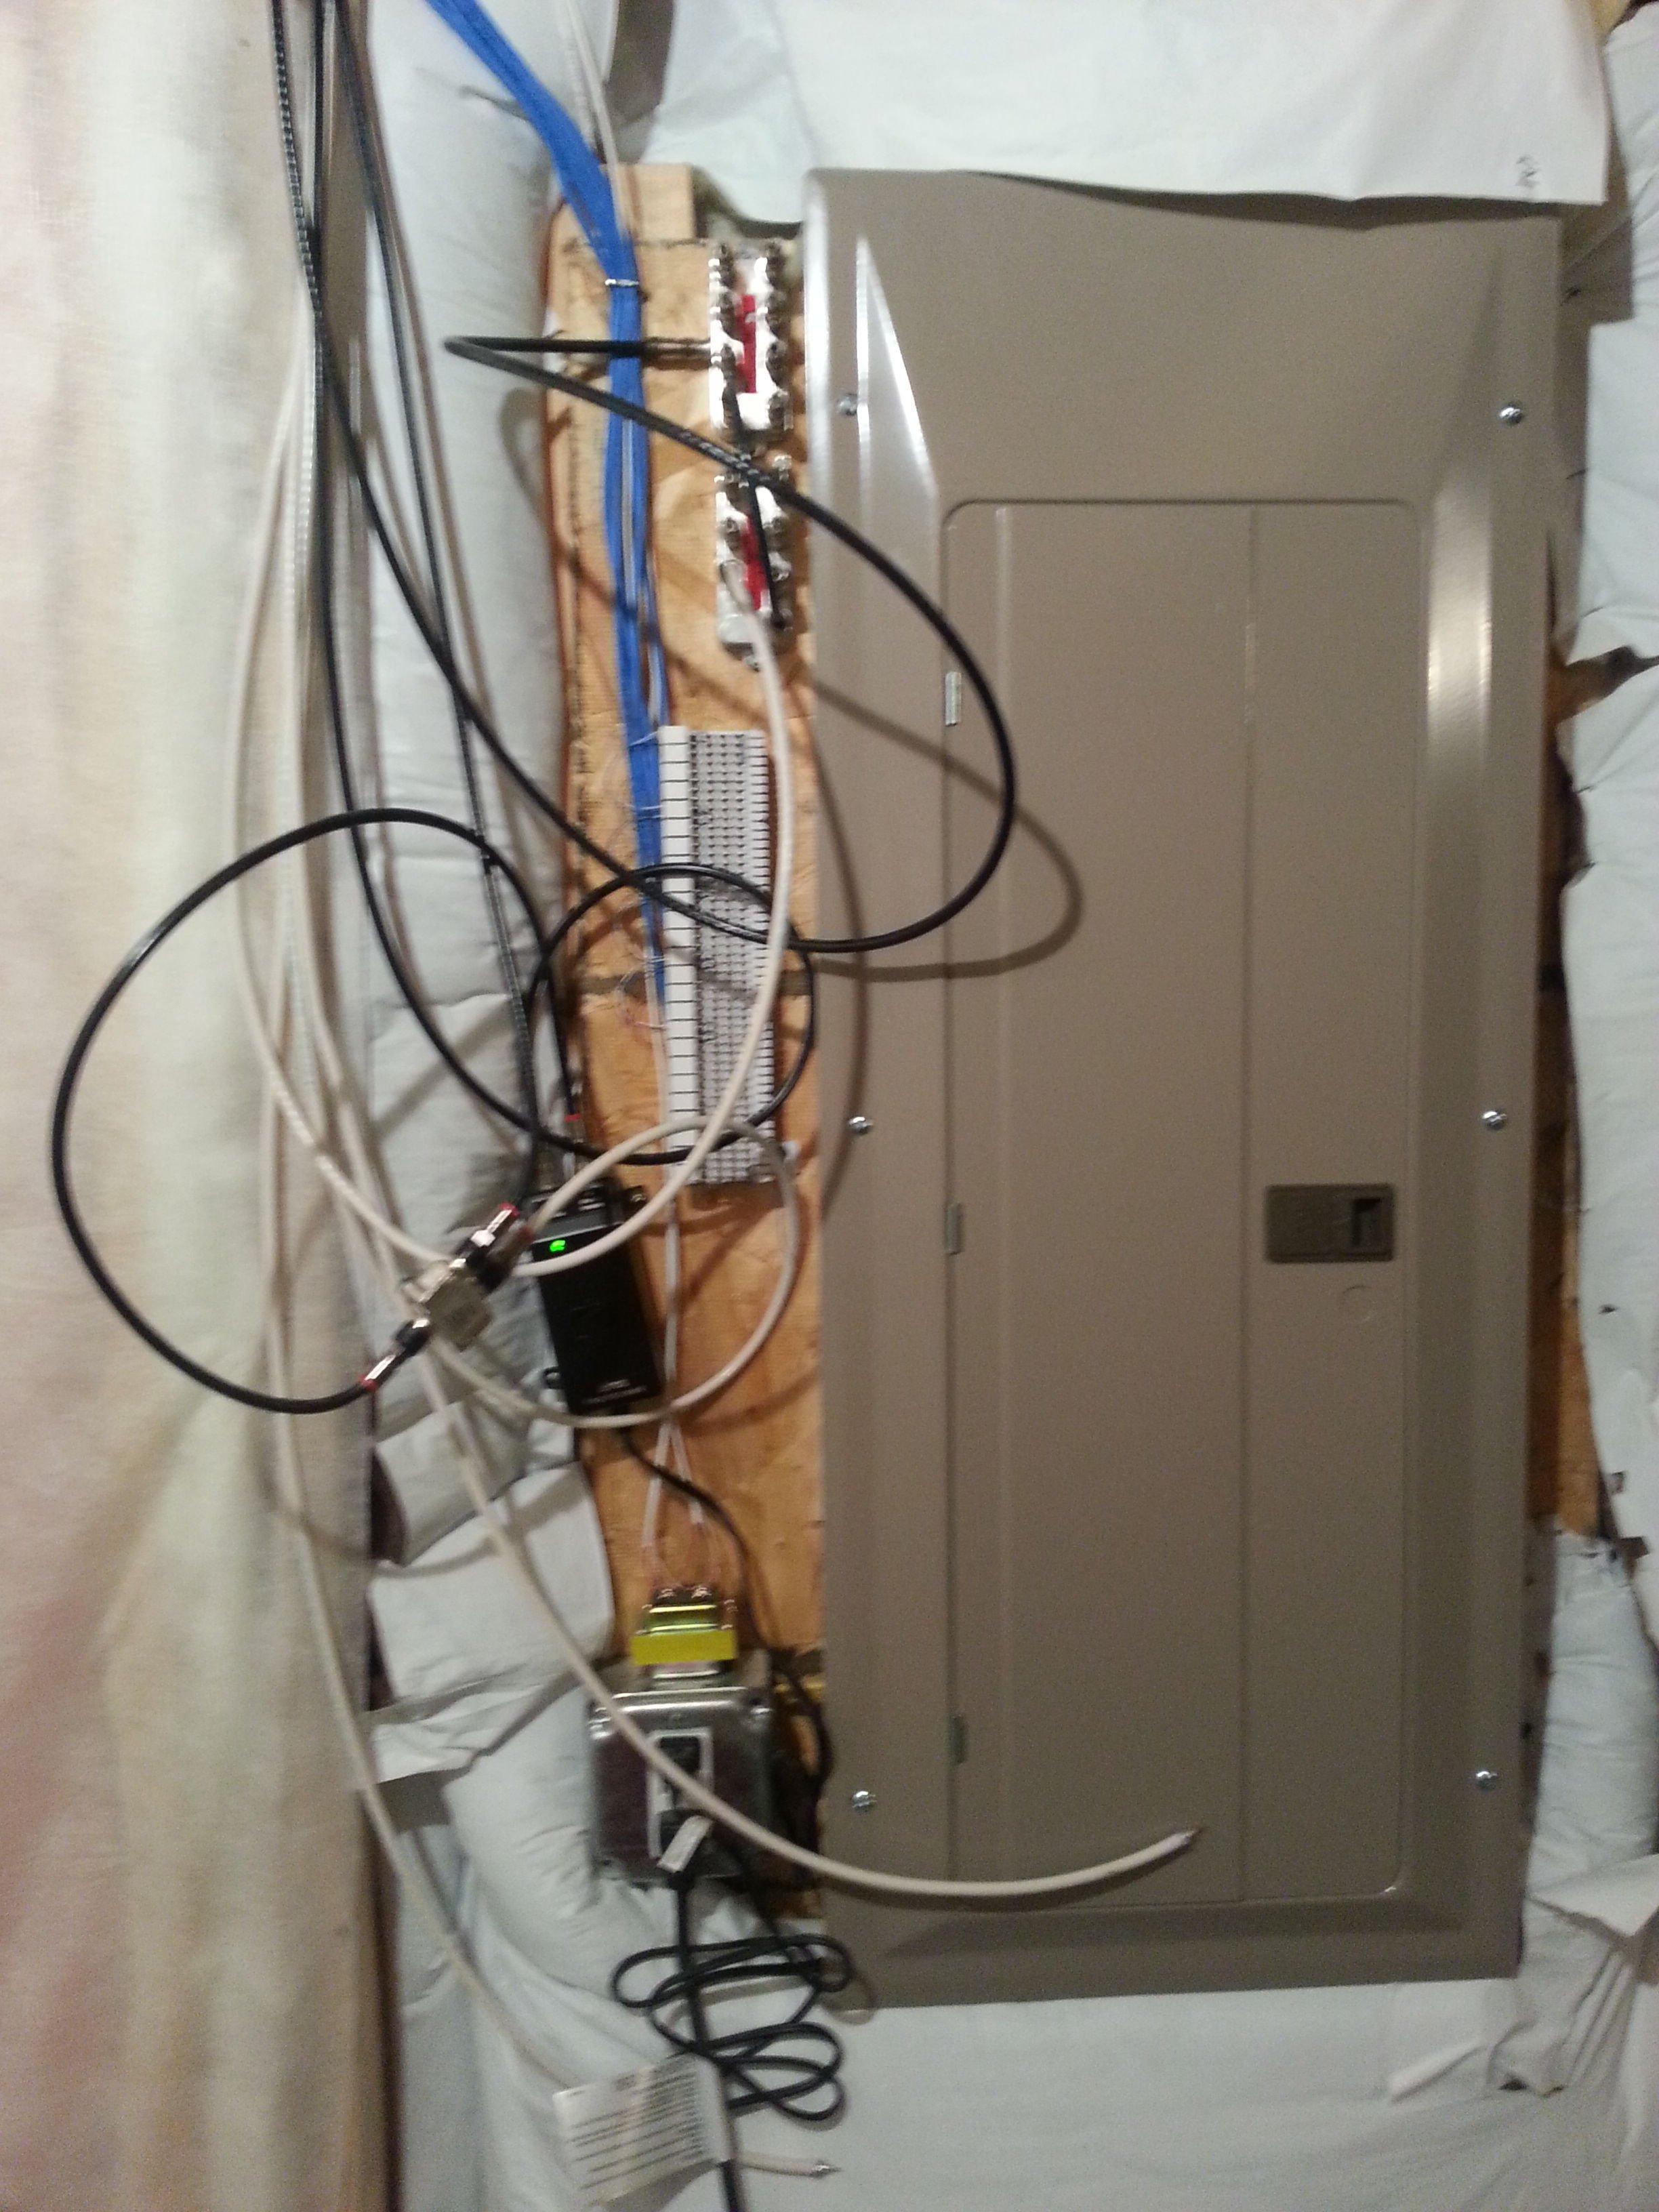 installing new cat5e cat6 in basement avs forum home theater rh avsforum com Wiring a Basement Bathroom Wiring a Basement Room